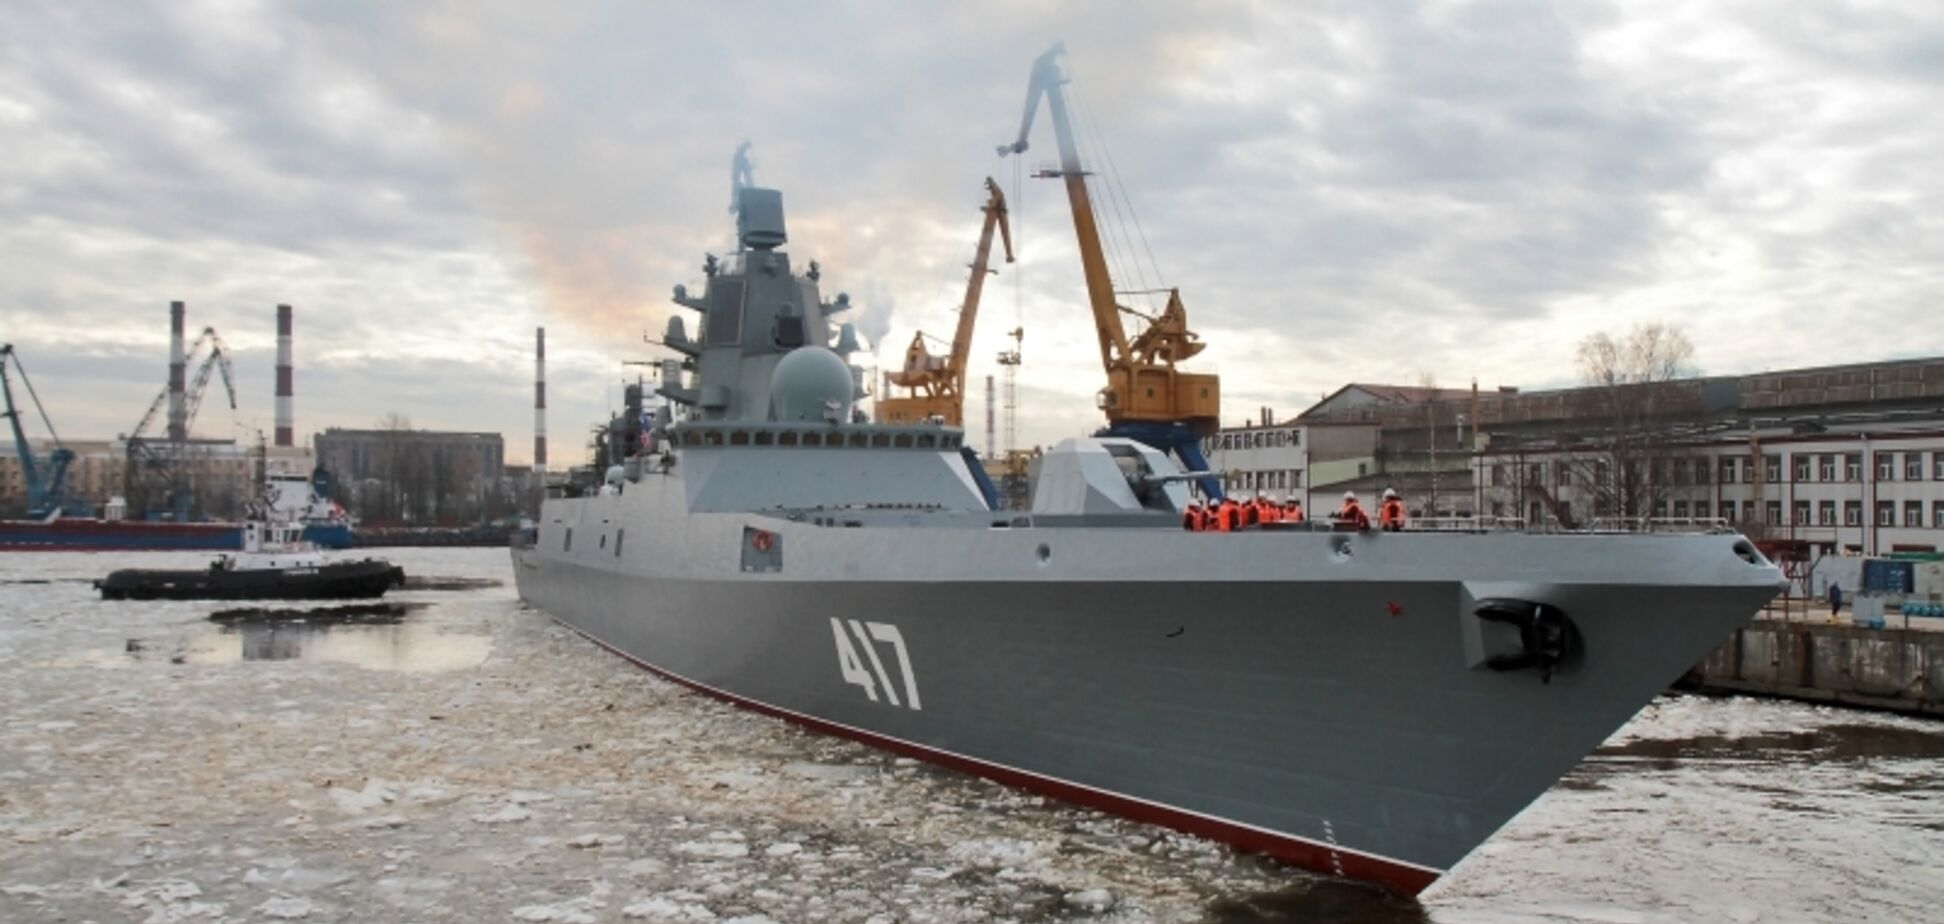 Викликає галюцинації і нудоту: флот Росії пригрозив небезпечною зброєю